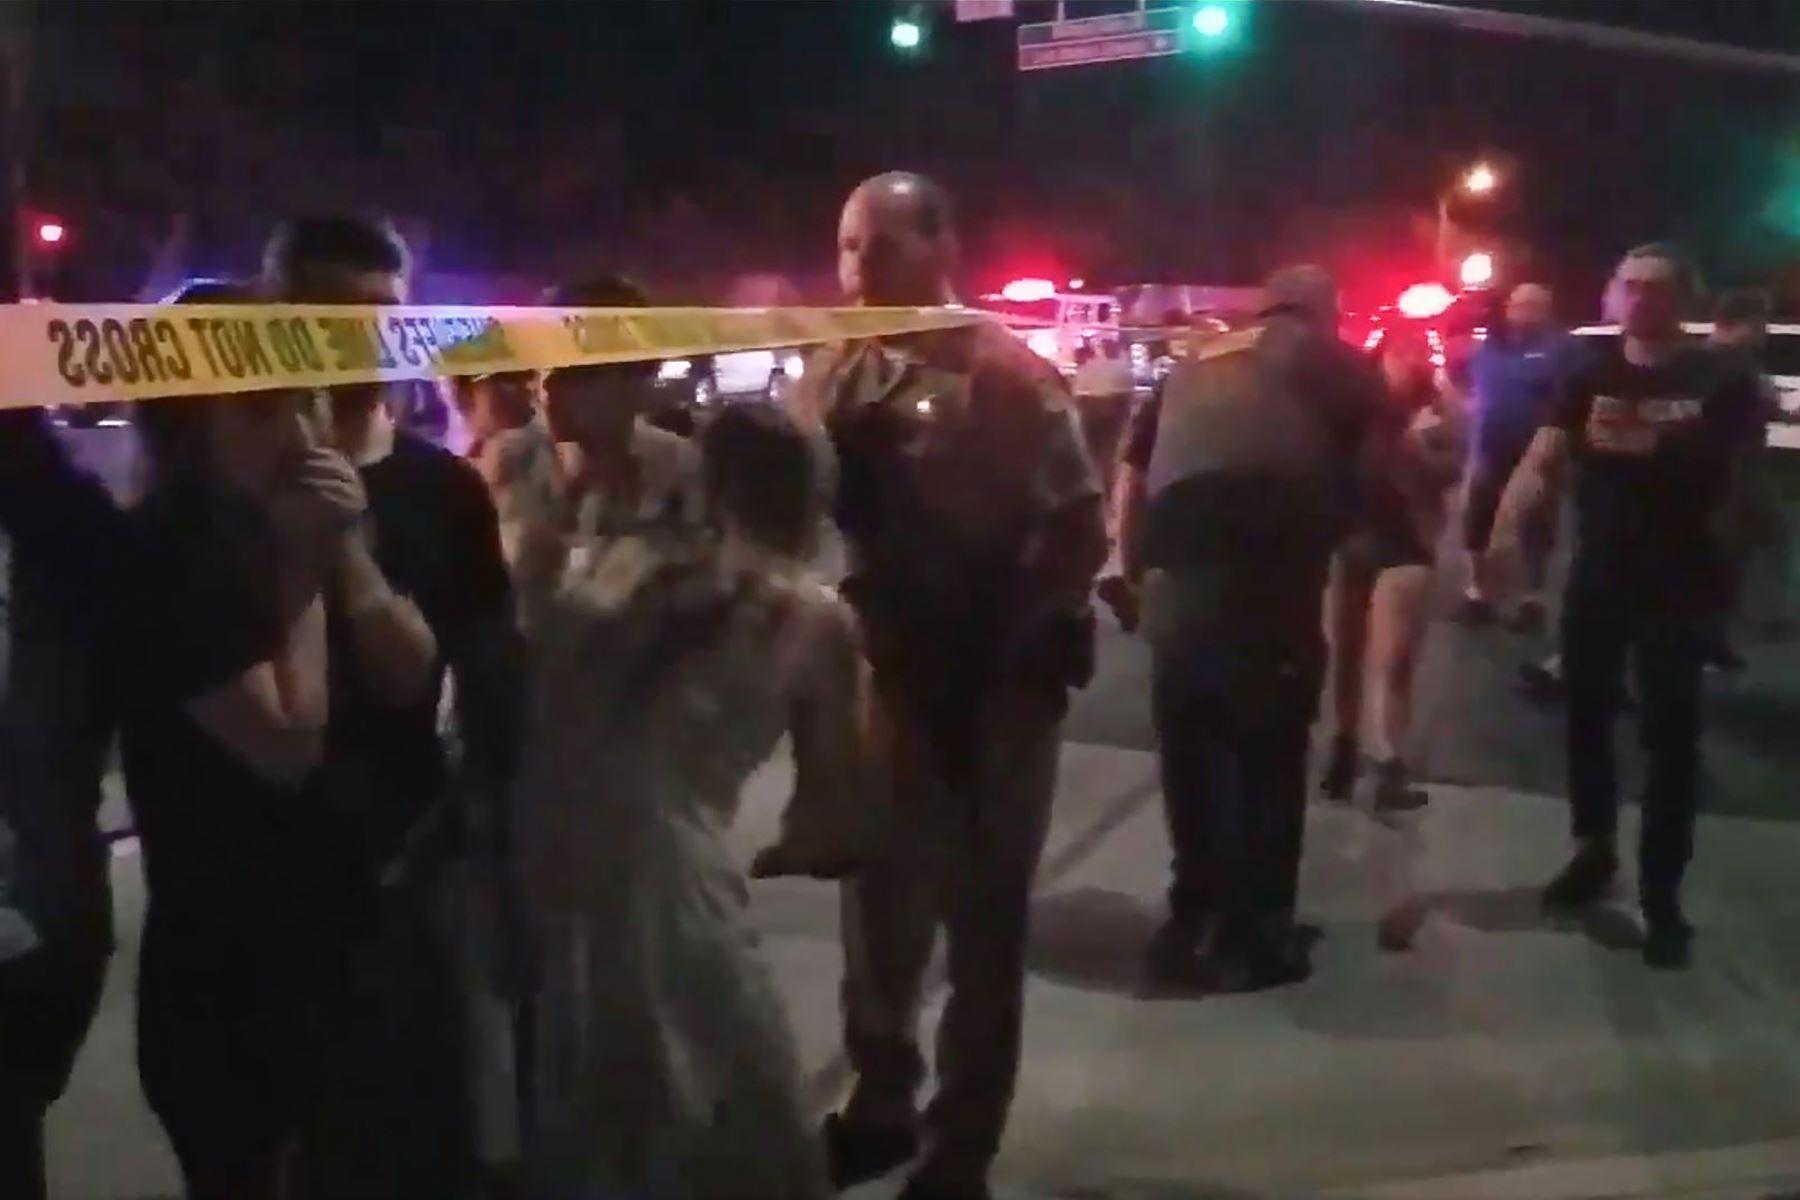 Este video capturado en video, obtenido el 8 de noviembre de 2018, cortesía de la cuenta de twitter de Jeremy Childs, muestra a personas reunidas frente a un bar de música country y un salón de baile en Thousand Oaks, en el área de Los Ángeles, después de que un hombre armado irrumpiera en un gran local lleno de gente y abriera disparó a fines del 7 de noviembre e hirió al menos a 11 personas, incluido un oficial de policía, dijo la policía estadounidense. - El lugar en un tranquilo y lujoso suburbio reside